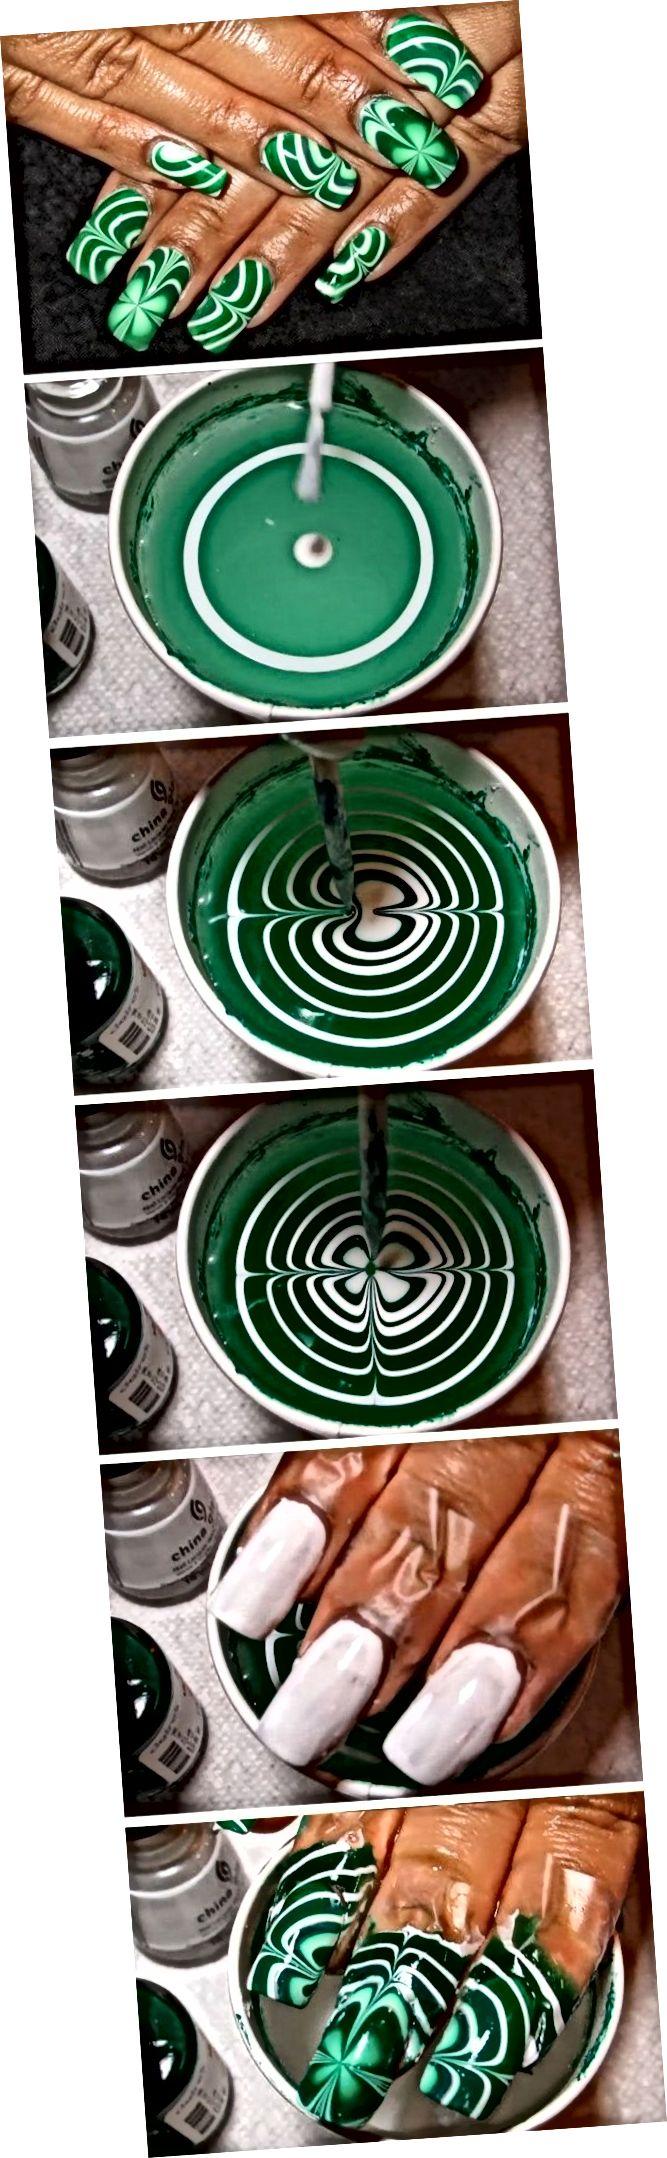 Waasser Marmer Shamrocks | Einfach St Patricks Day Nail Designs